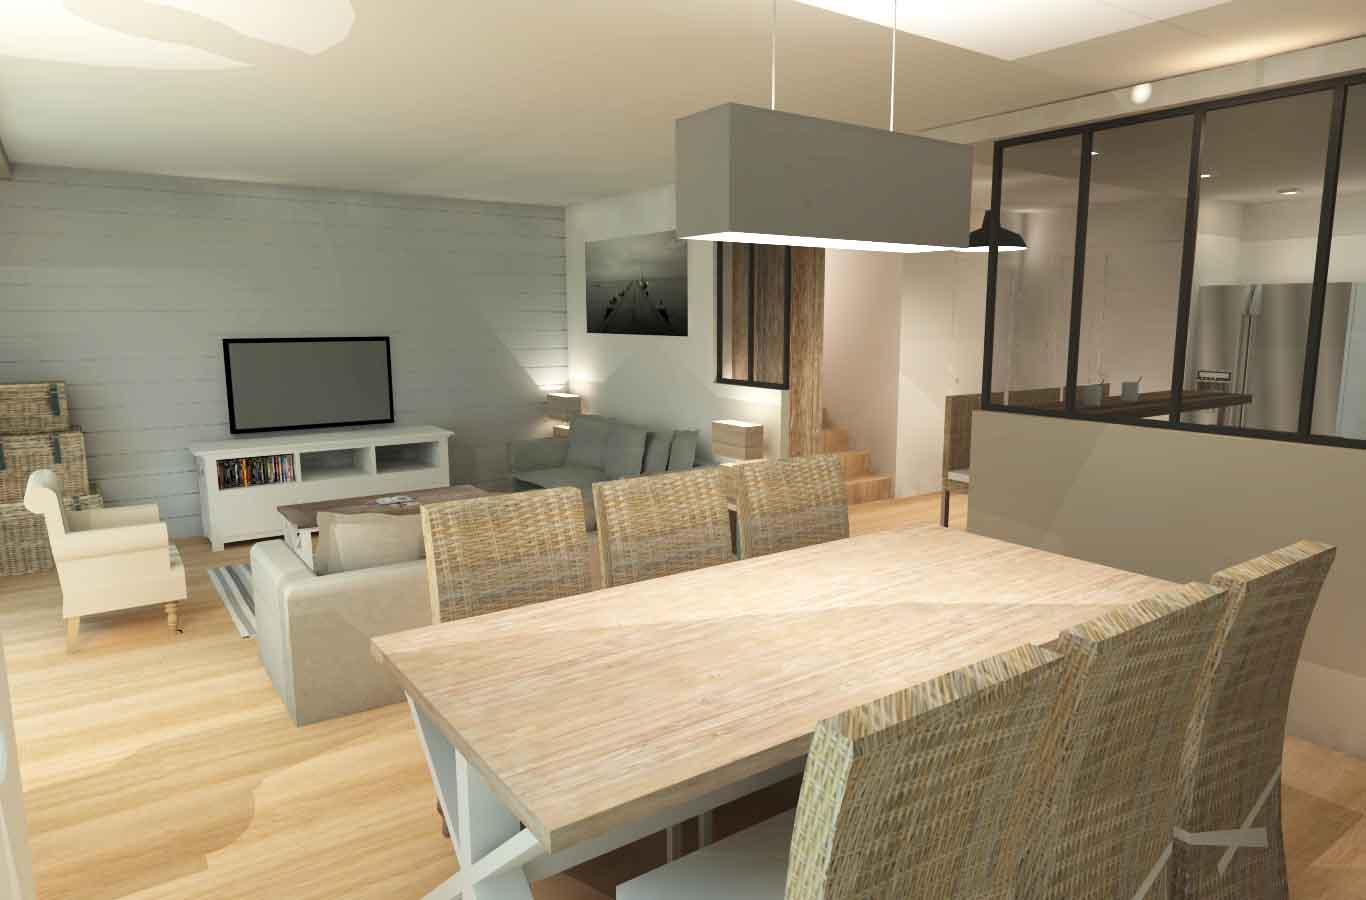 Efficacit du home staging est ce indispensable pour vendre - Home staging salon ...